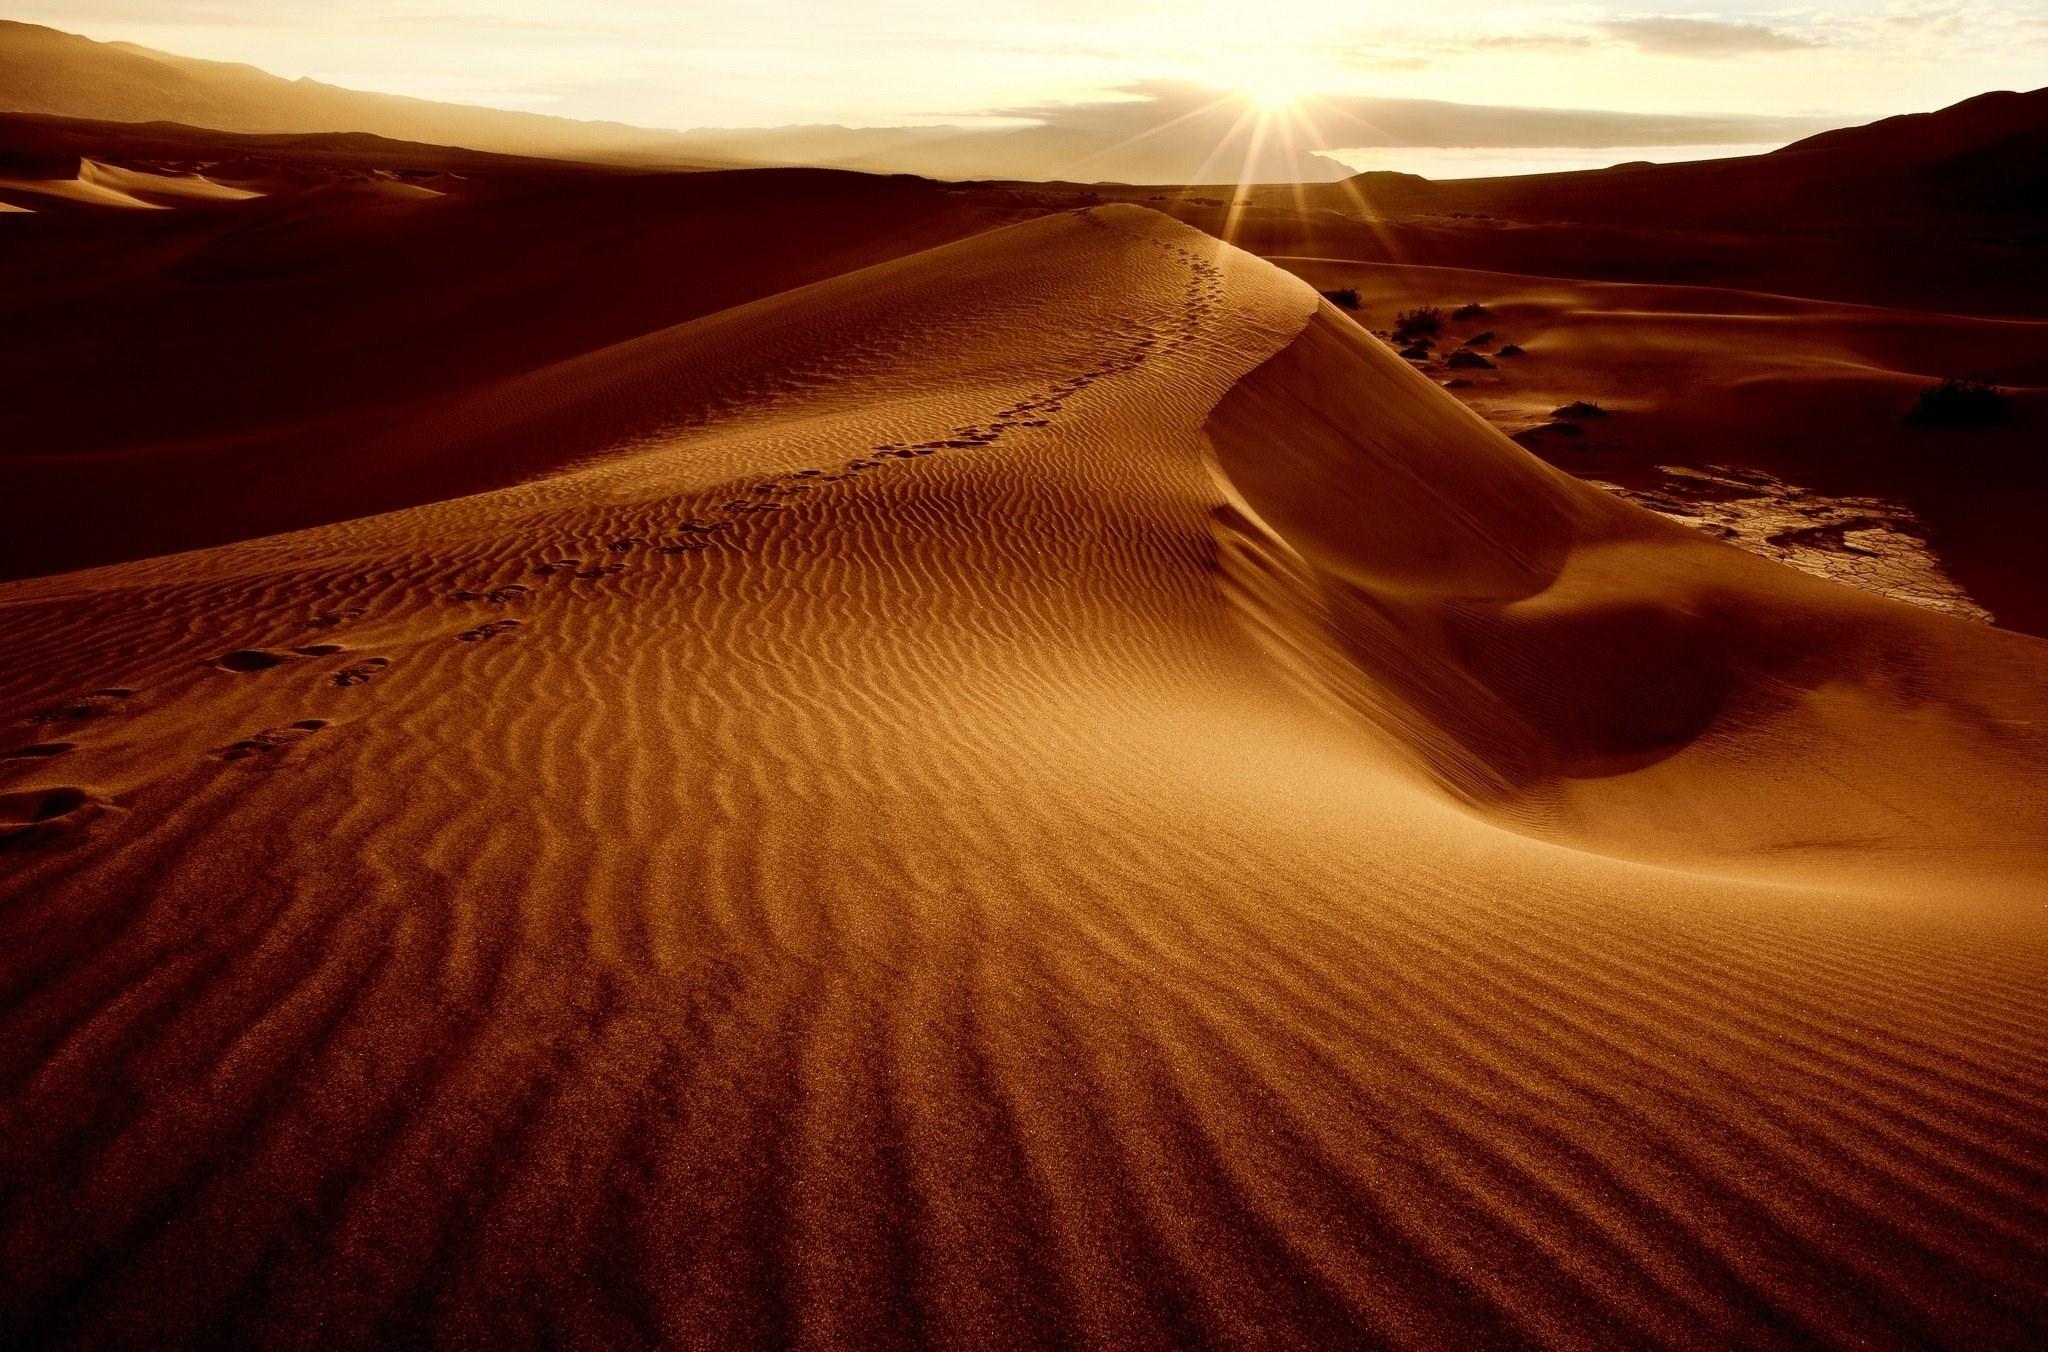 История дюн без смс